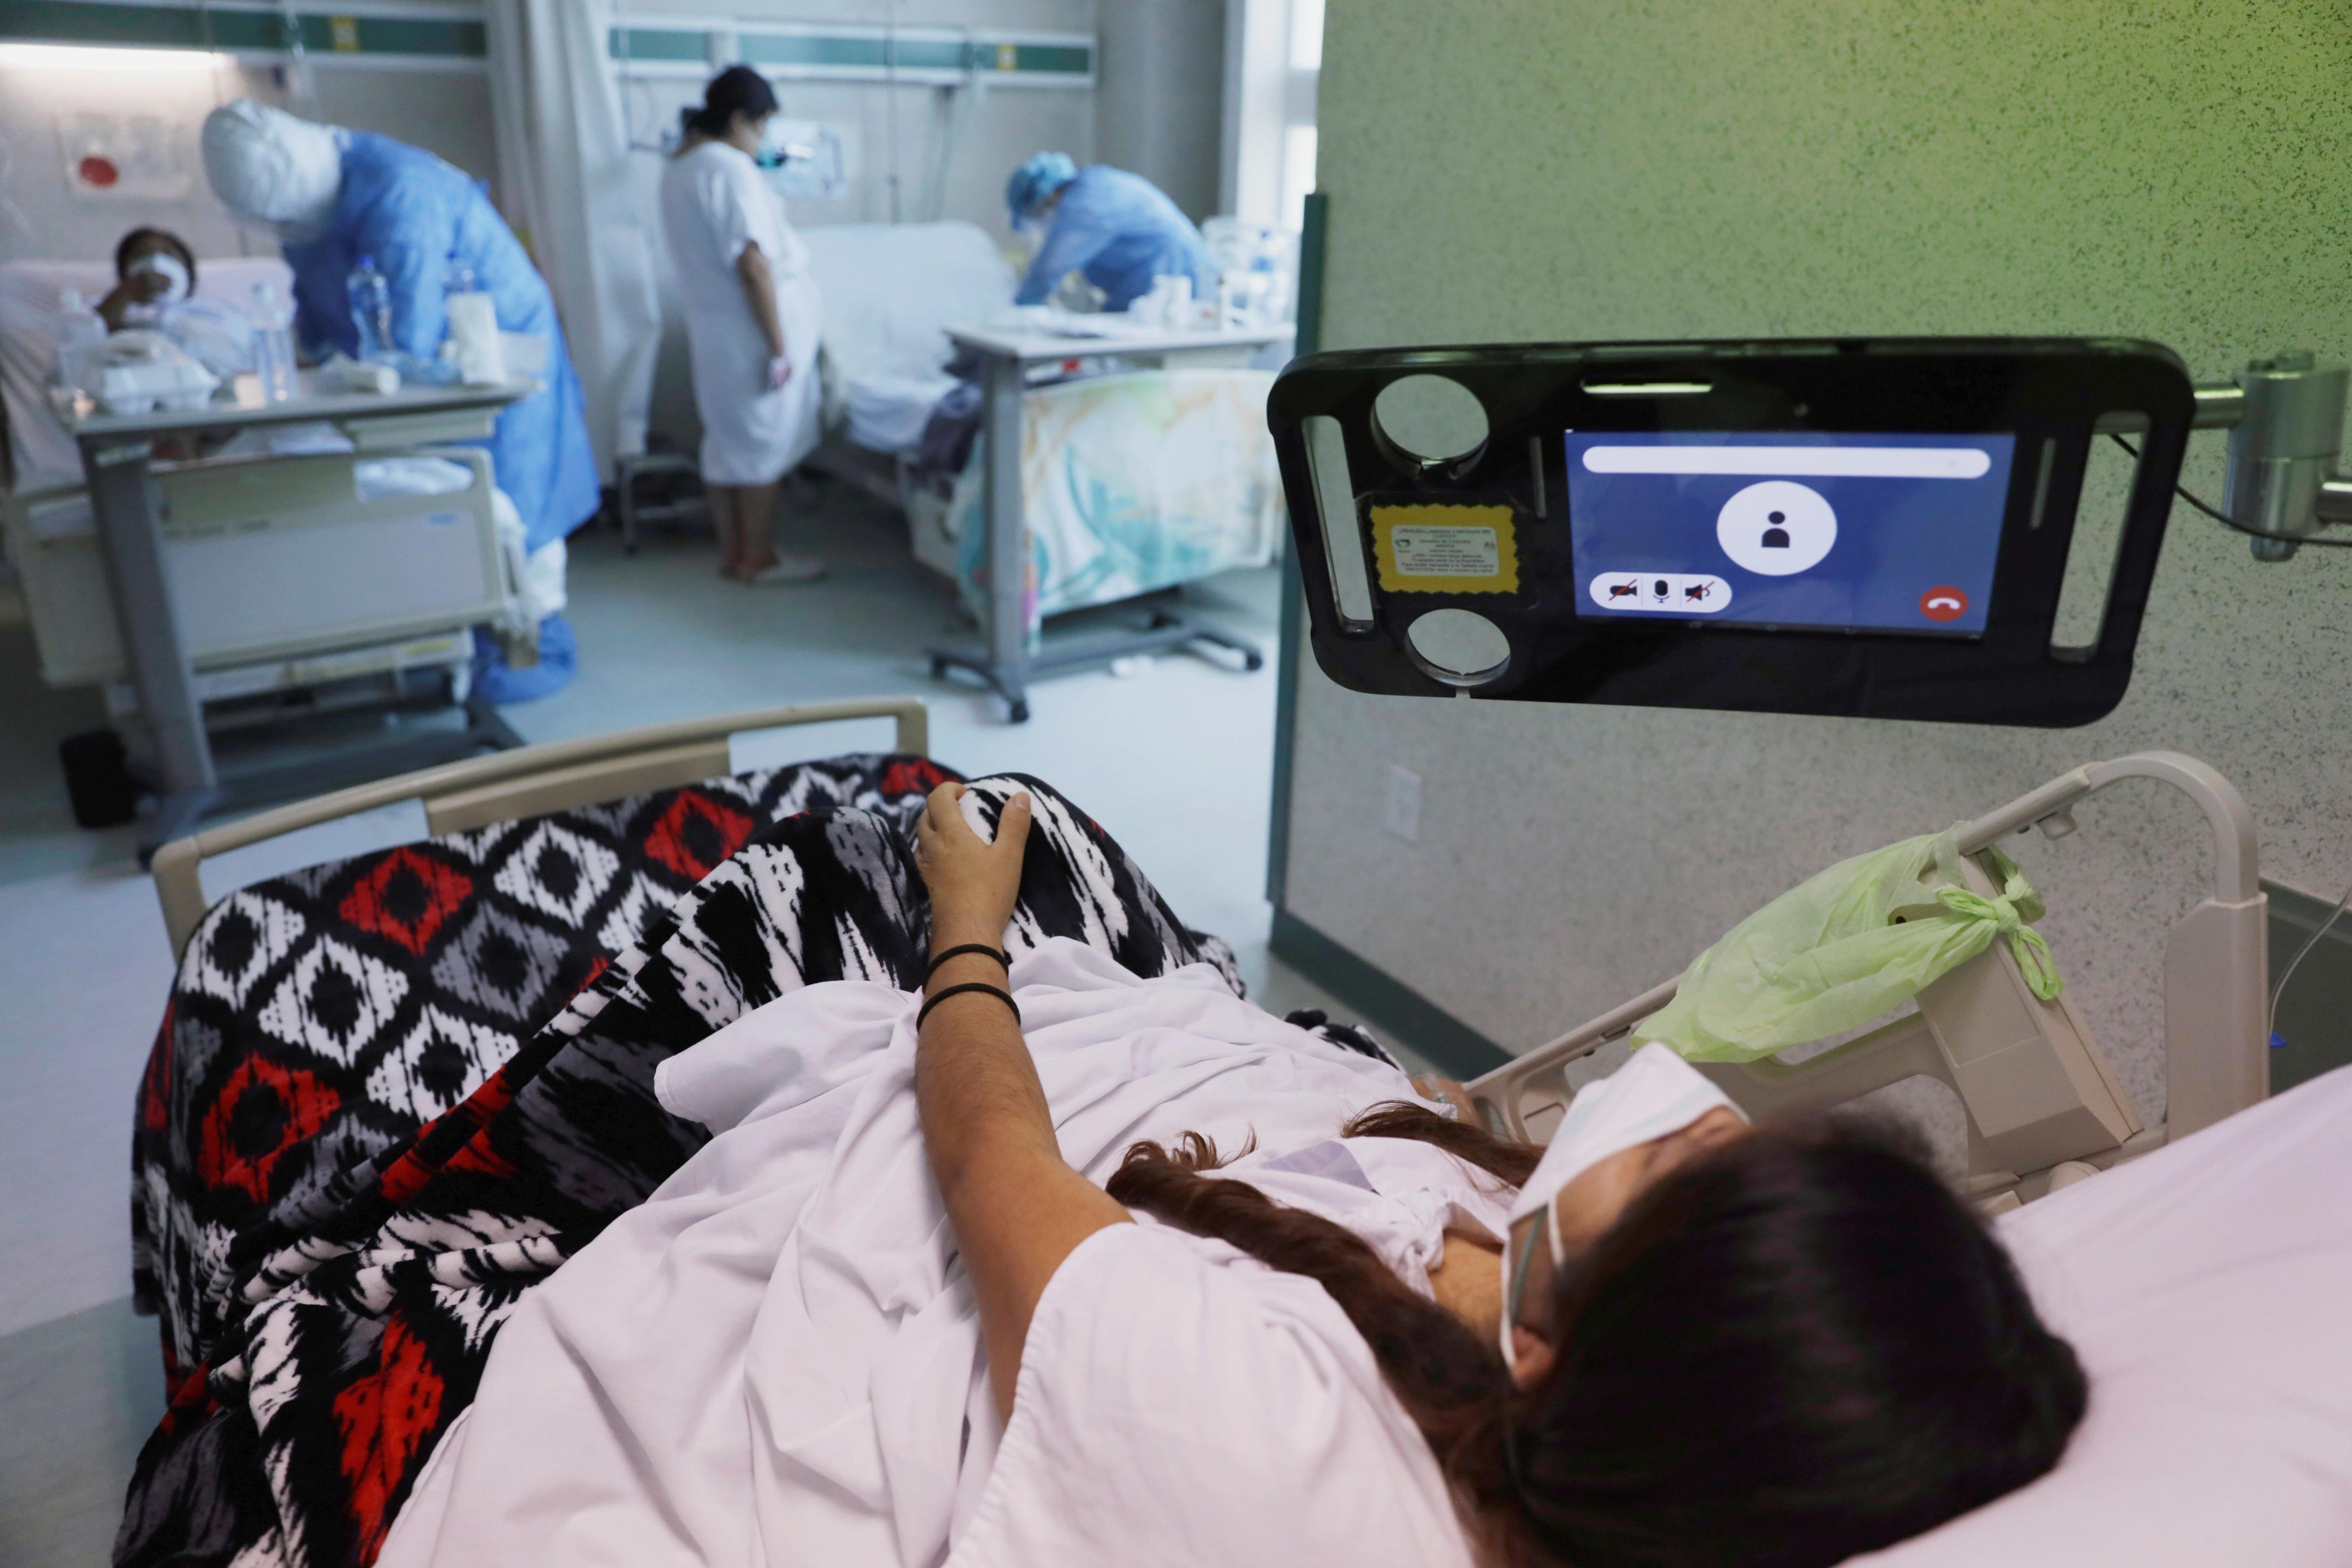 Tras un mes hospitalizado recuperó la fuerza (Foto: REUTERS/Luis Cortes)